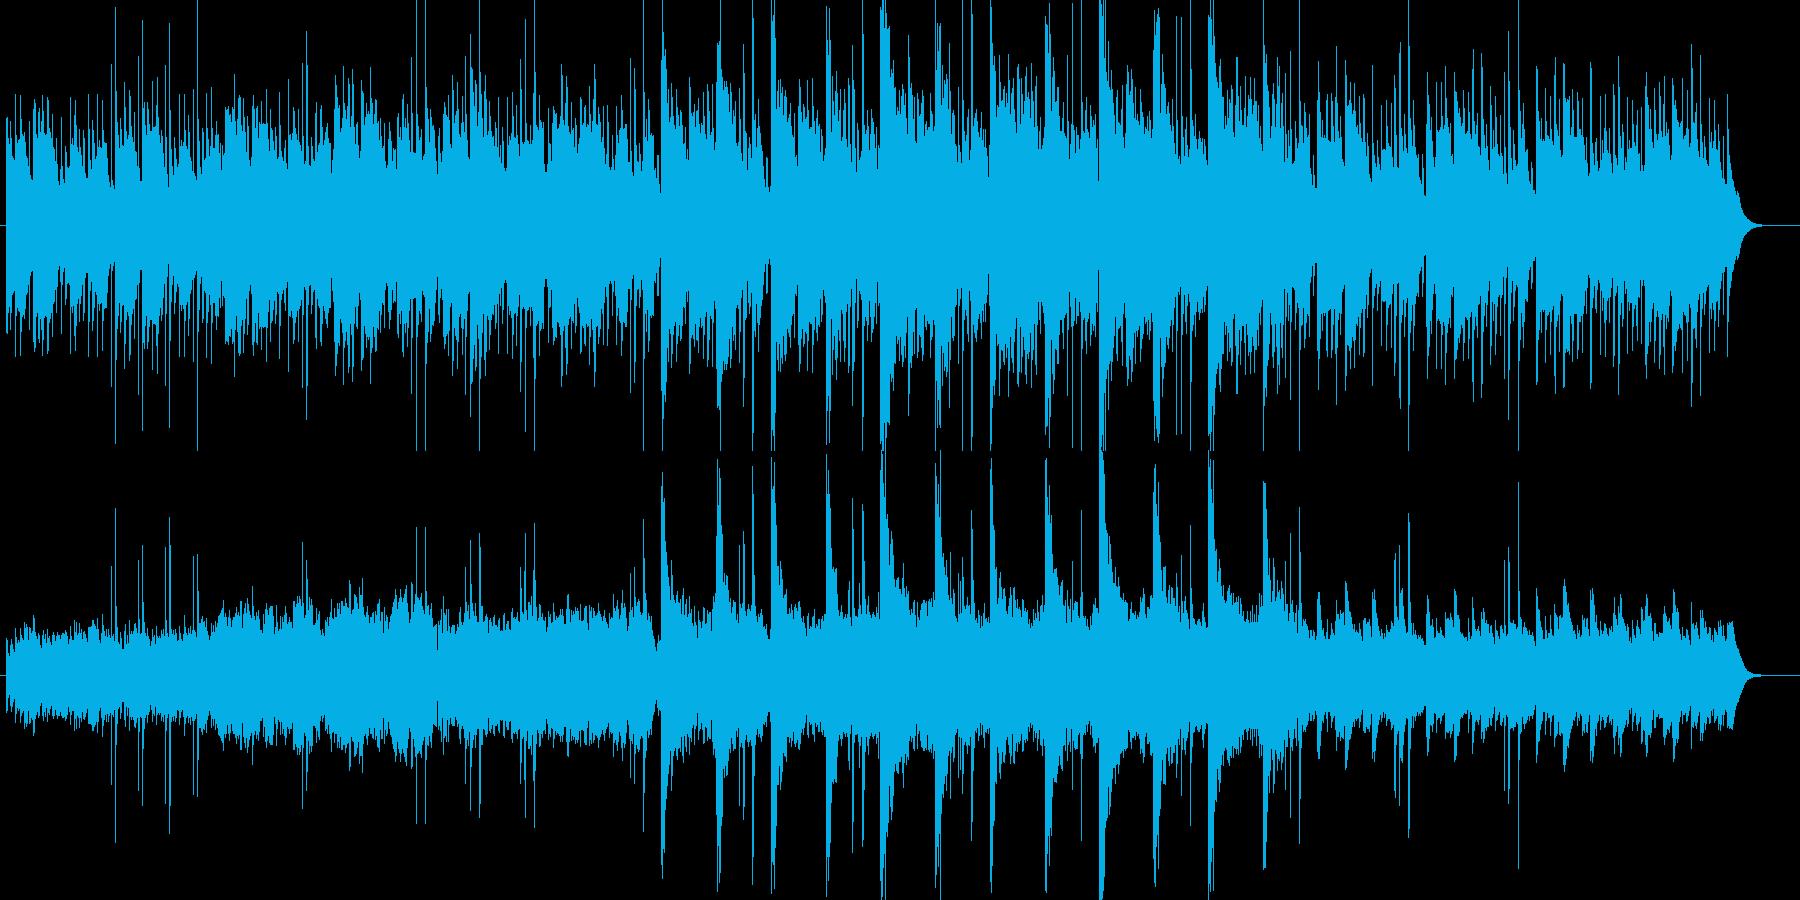 異国情緒ある穏やかで幻想的なBGMの再生済みの波形